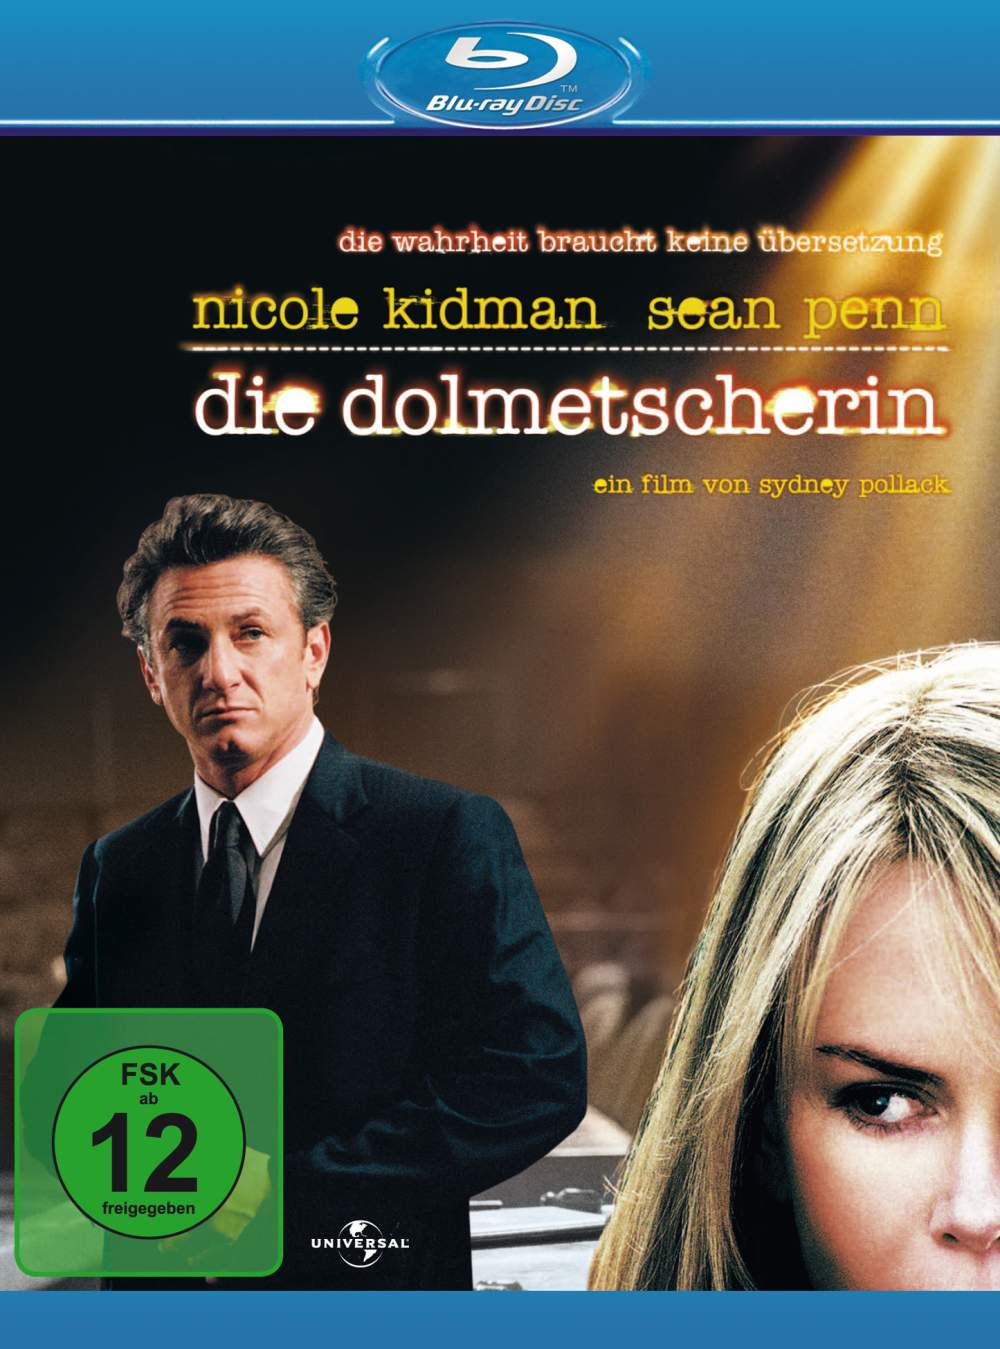 Dolmetscherin Film